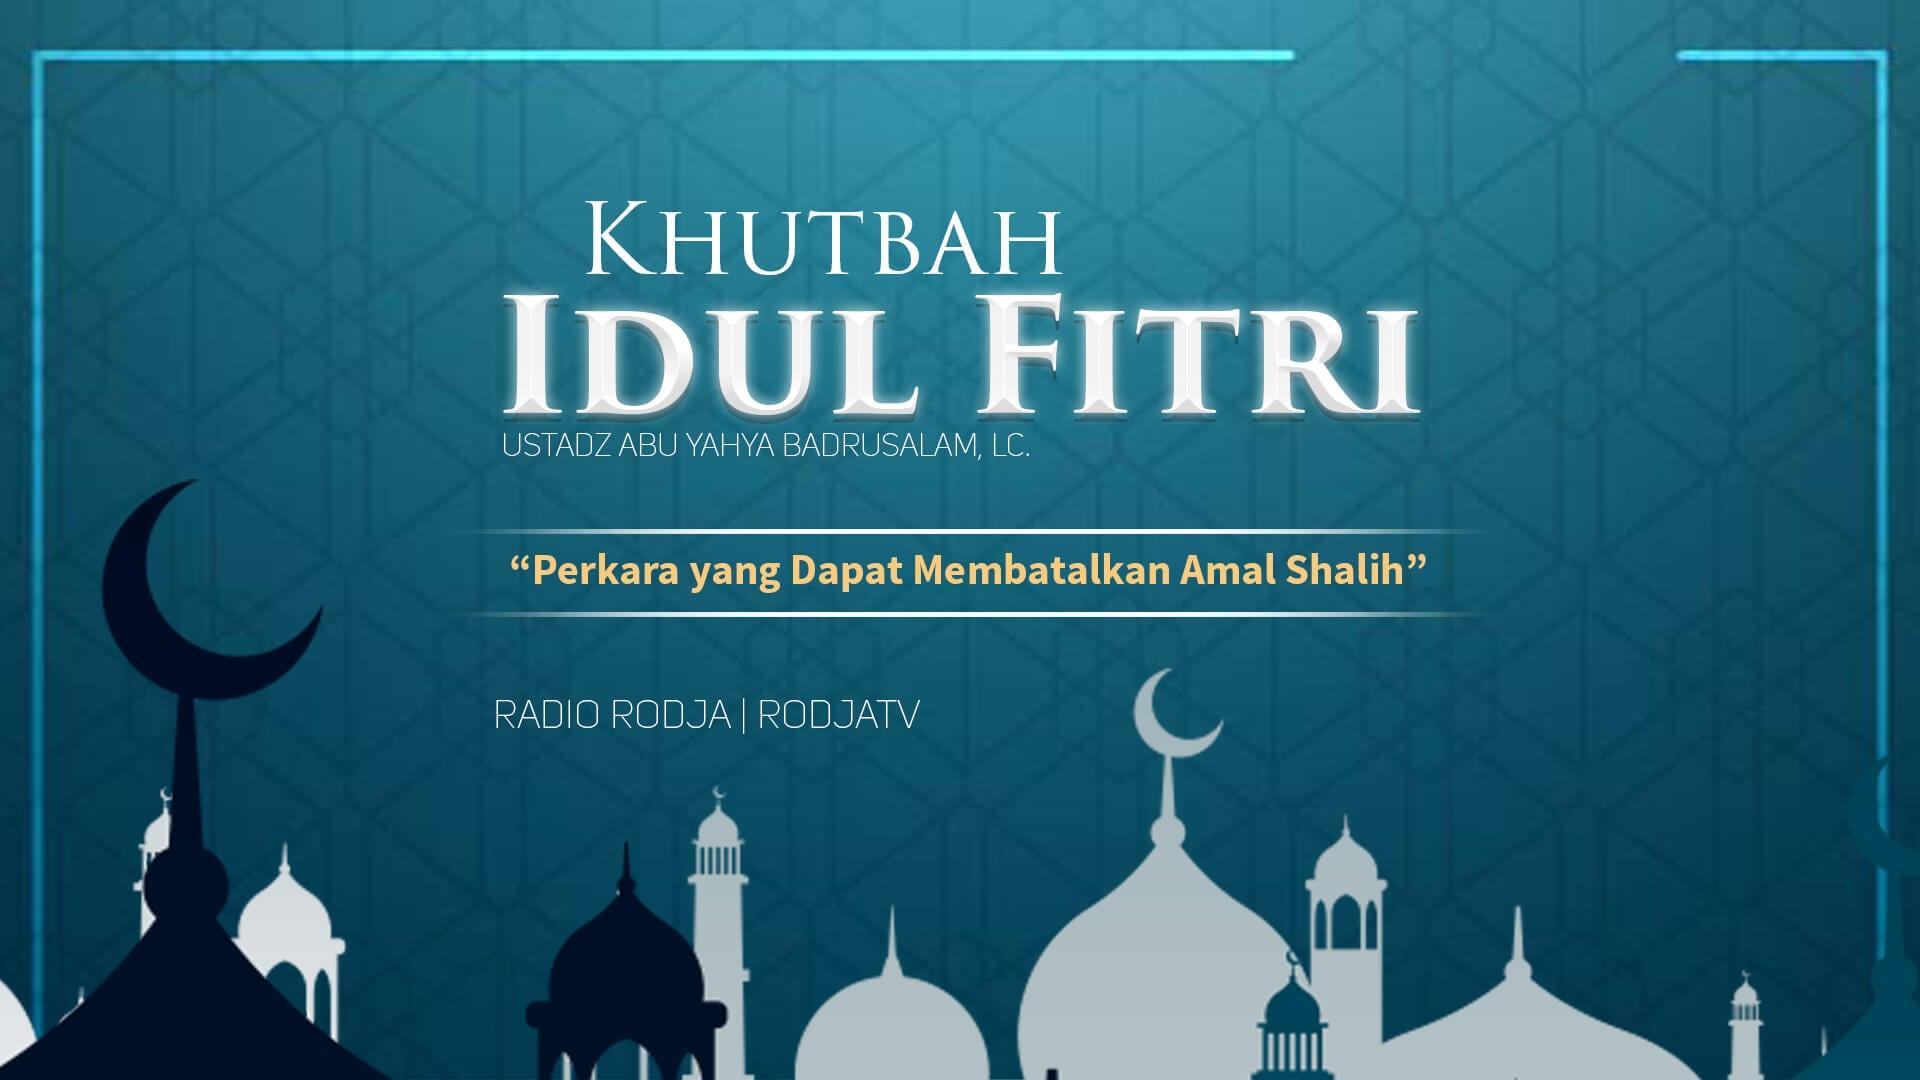 khutbah idul adha 2018